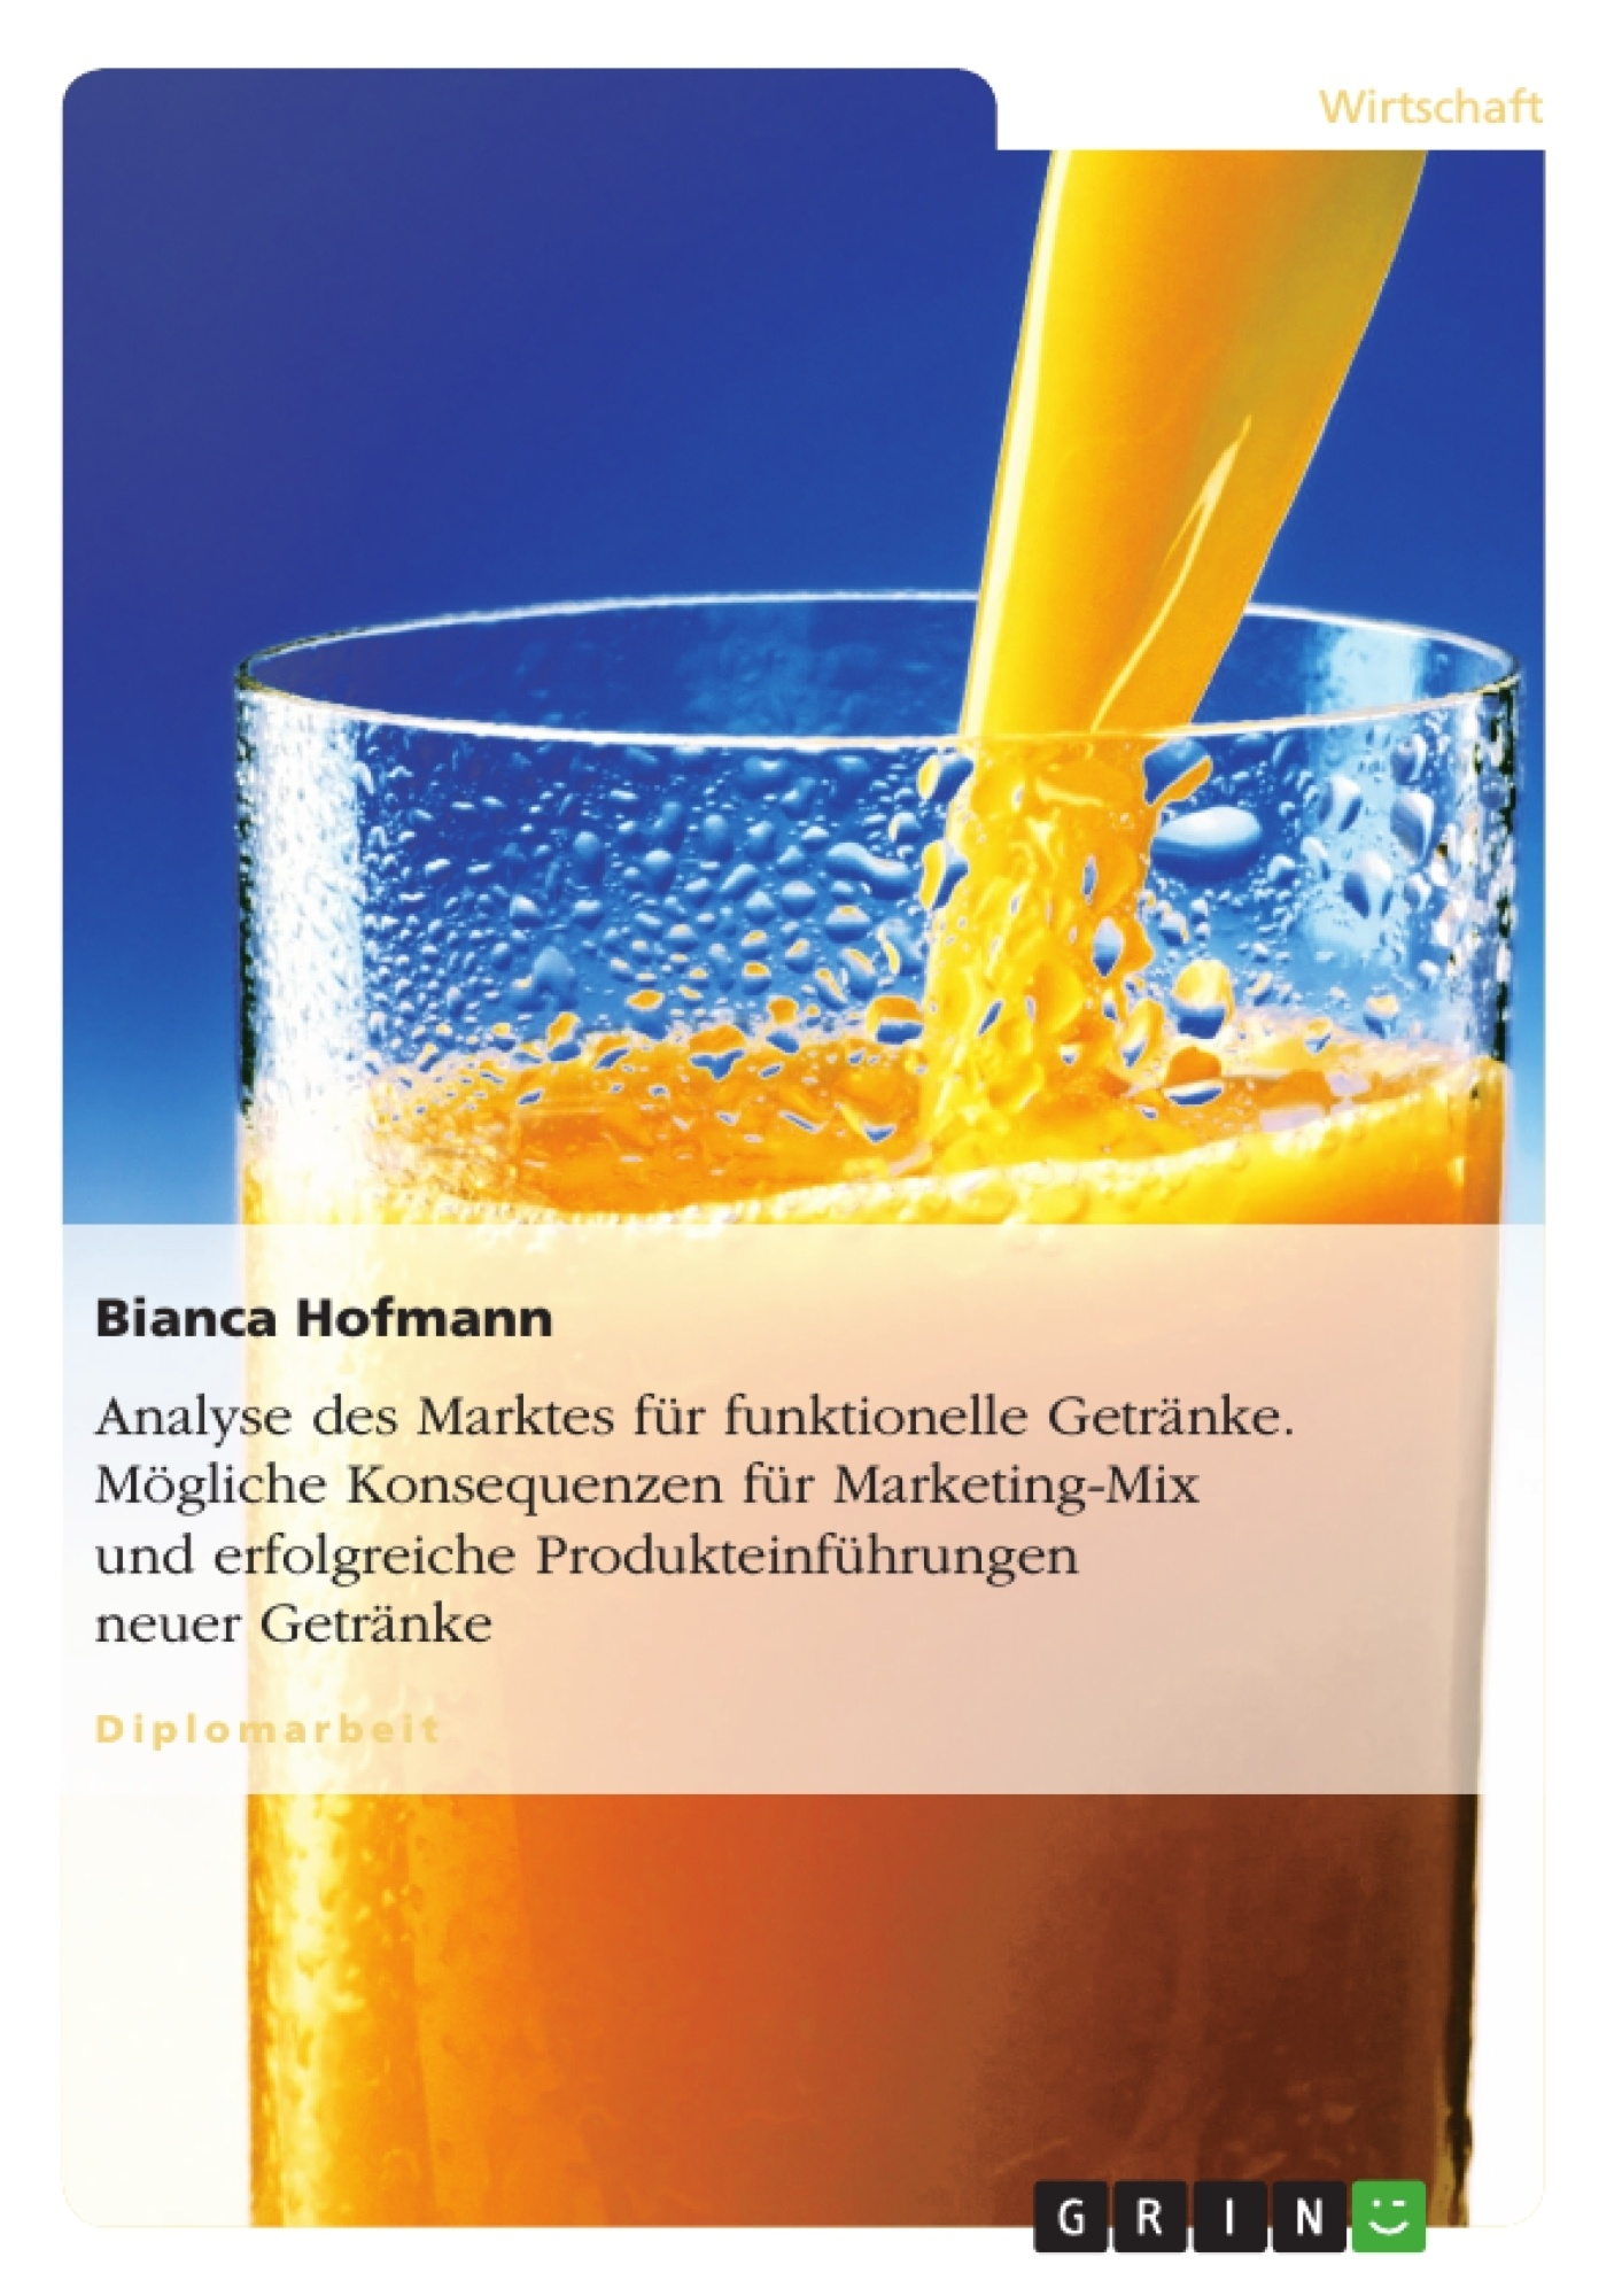 Titel: Analyse des Marktes für funktionelle Getränke. Mögliche Konsequenzen für Marketing-Mix und erfolgreiche Produkteinführungen neuer Getränke